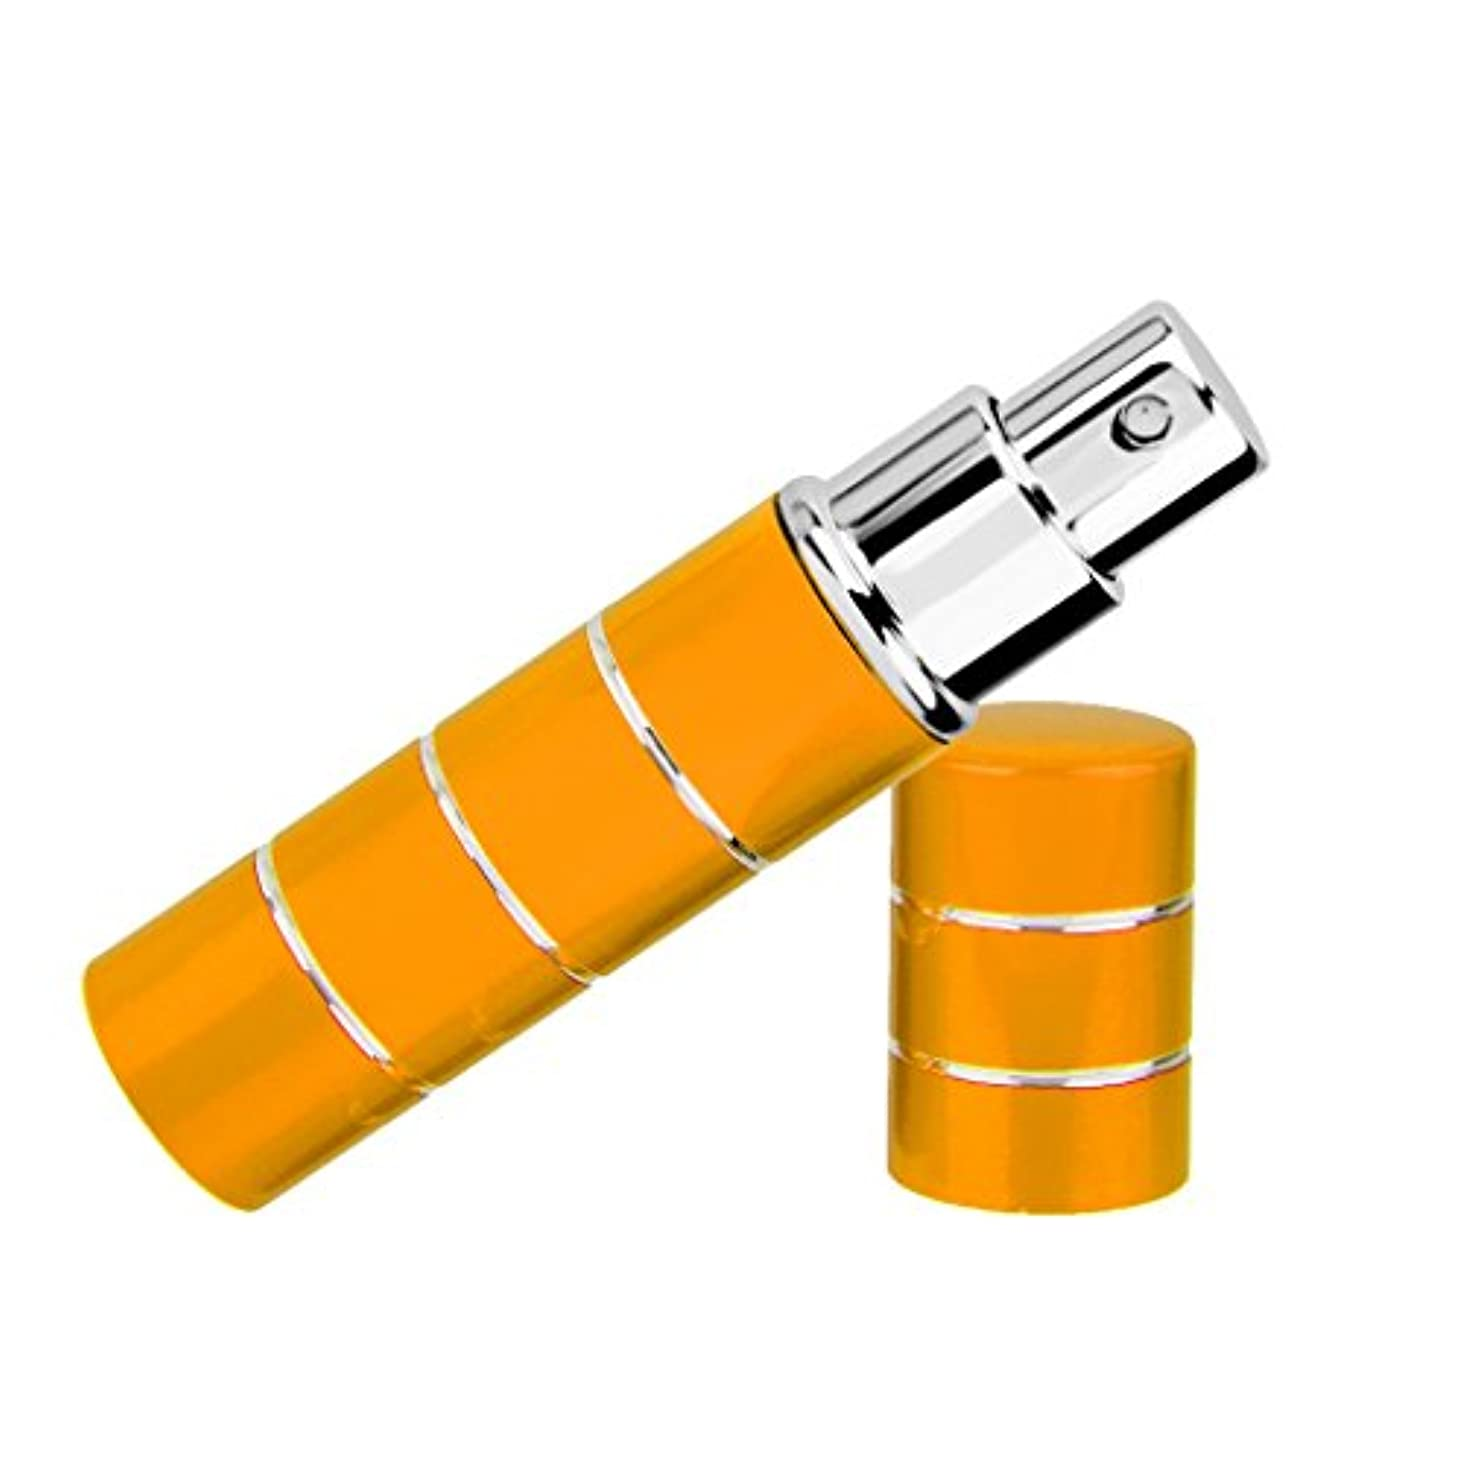 理由メロン高速道路Dovewill  旅行携帯用 ポータブル 軽量 詰め替え 香水 アトマイザーボトル ポンプ スプレーケース  - イエロー